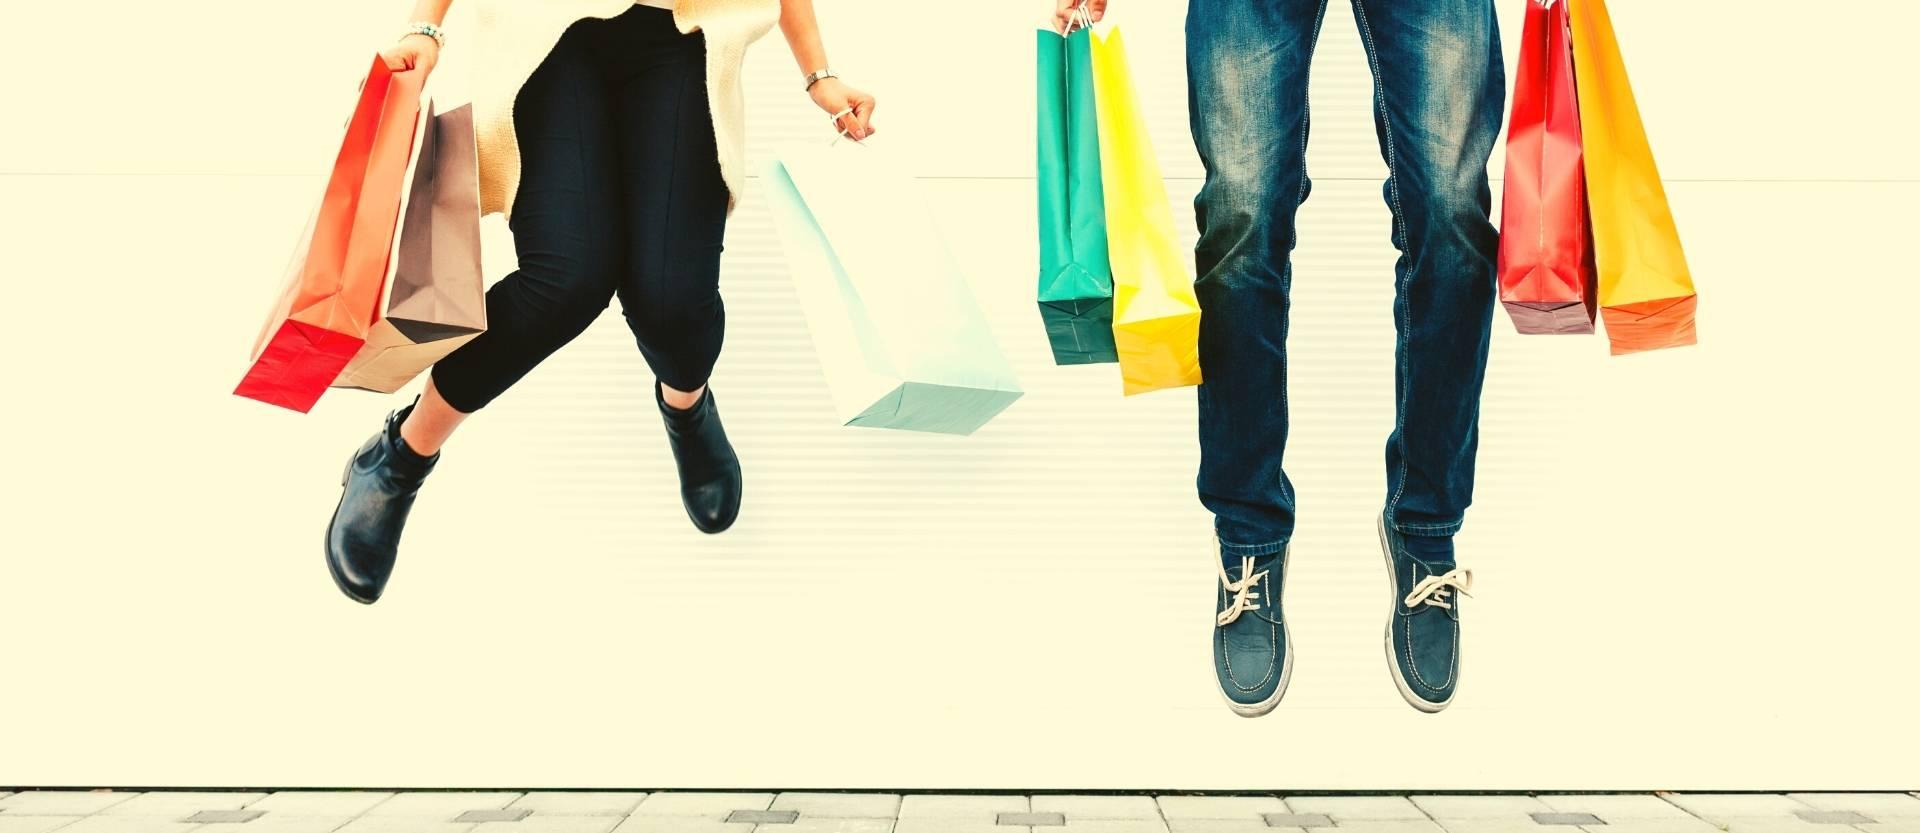 Typológia zákazníka pre úspešný predaj